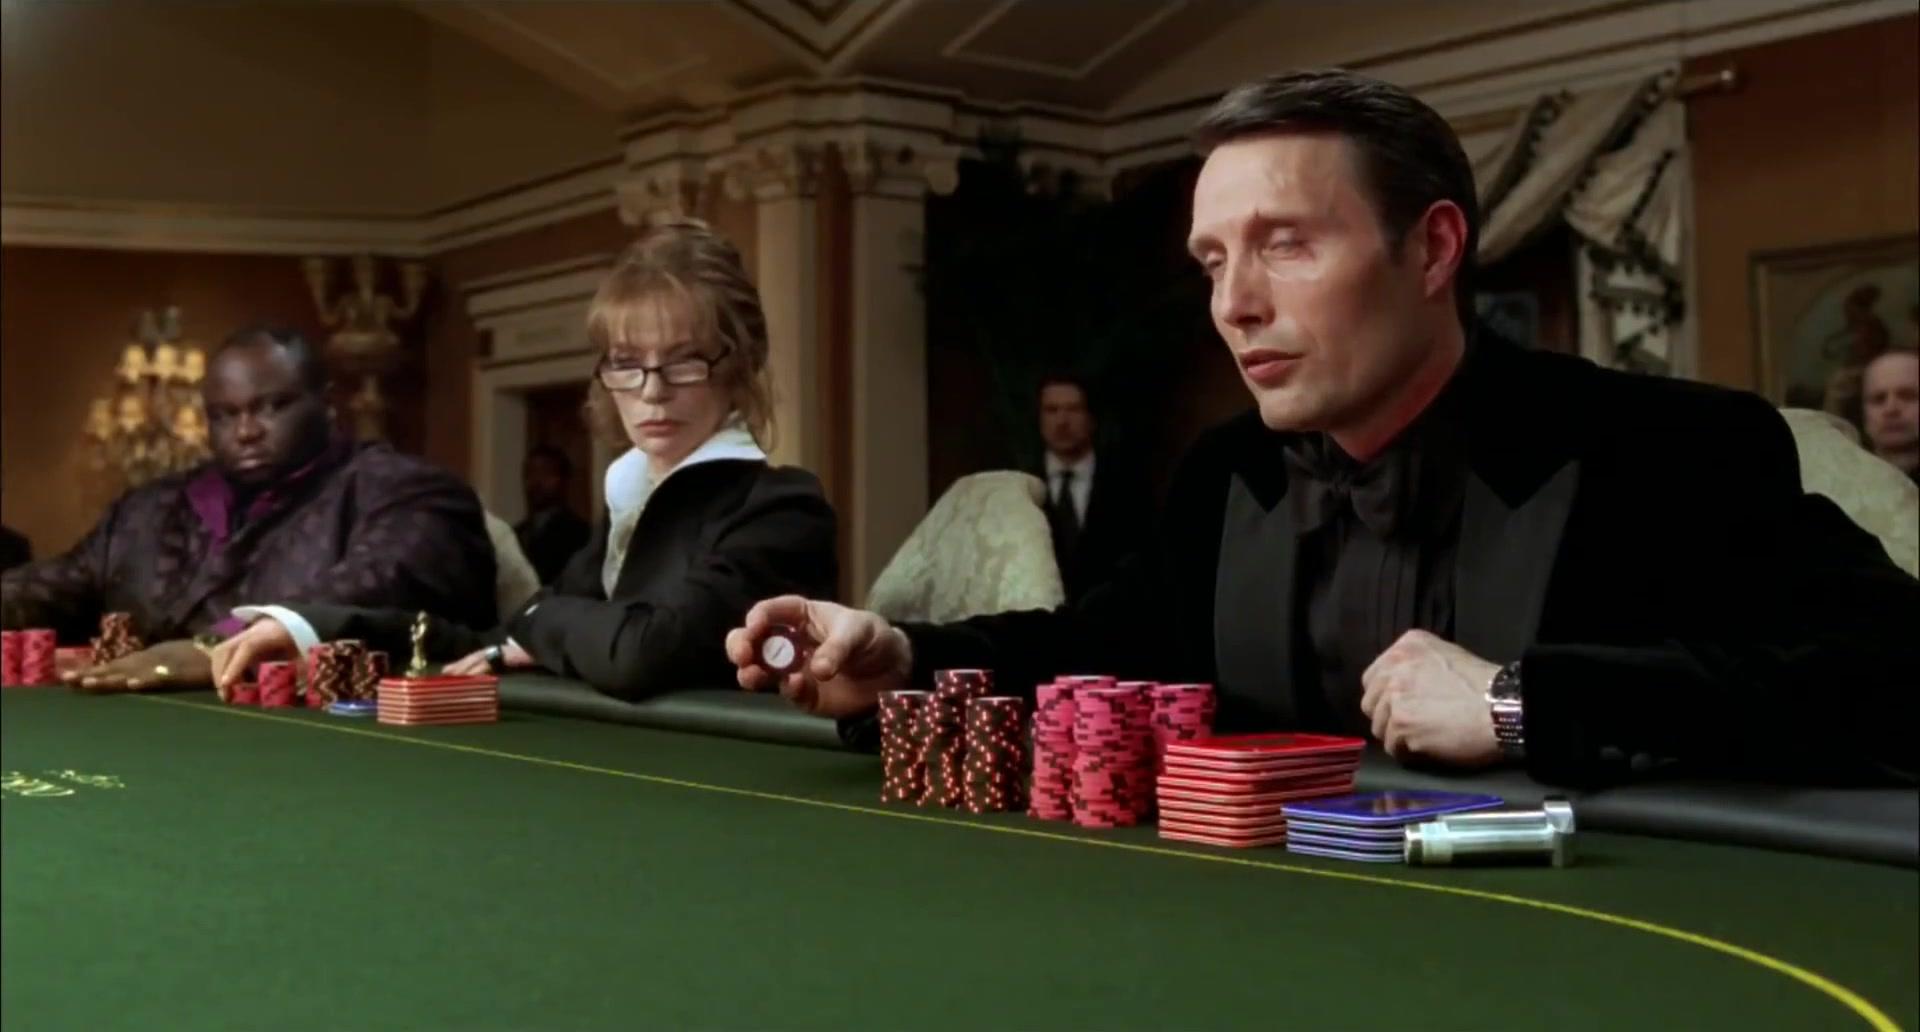 Казино рояль сюжет кратко в онлайн казино в какие игры лучше играть